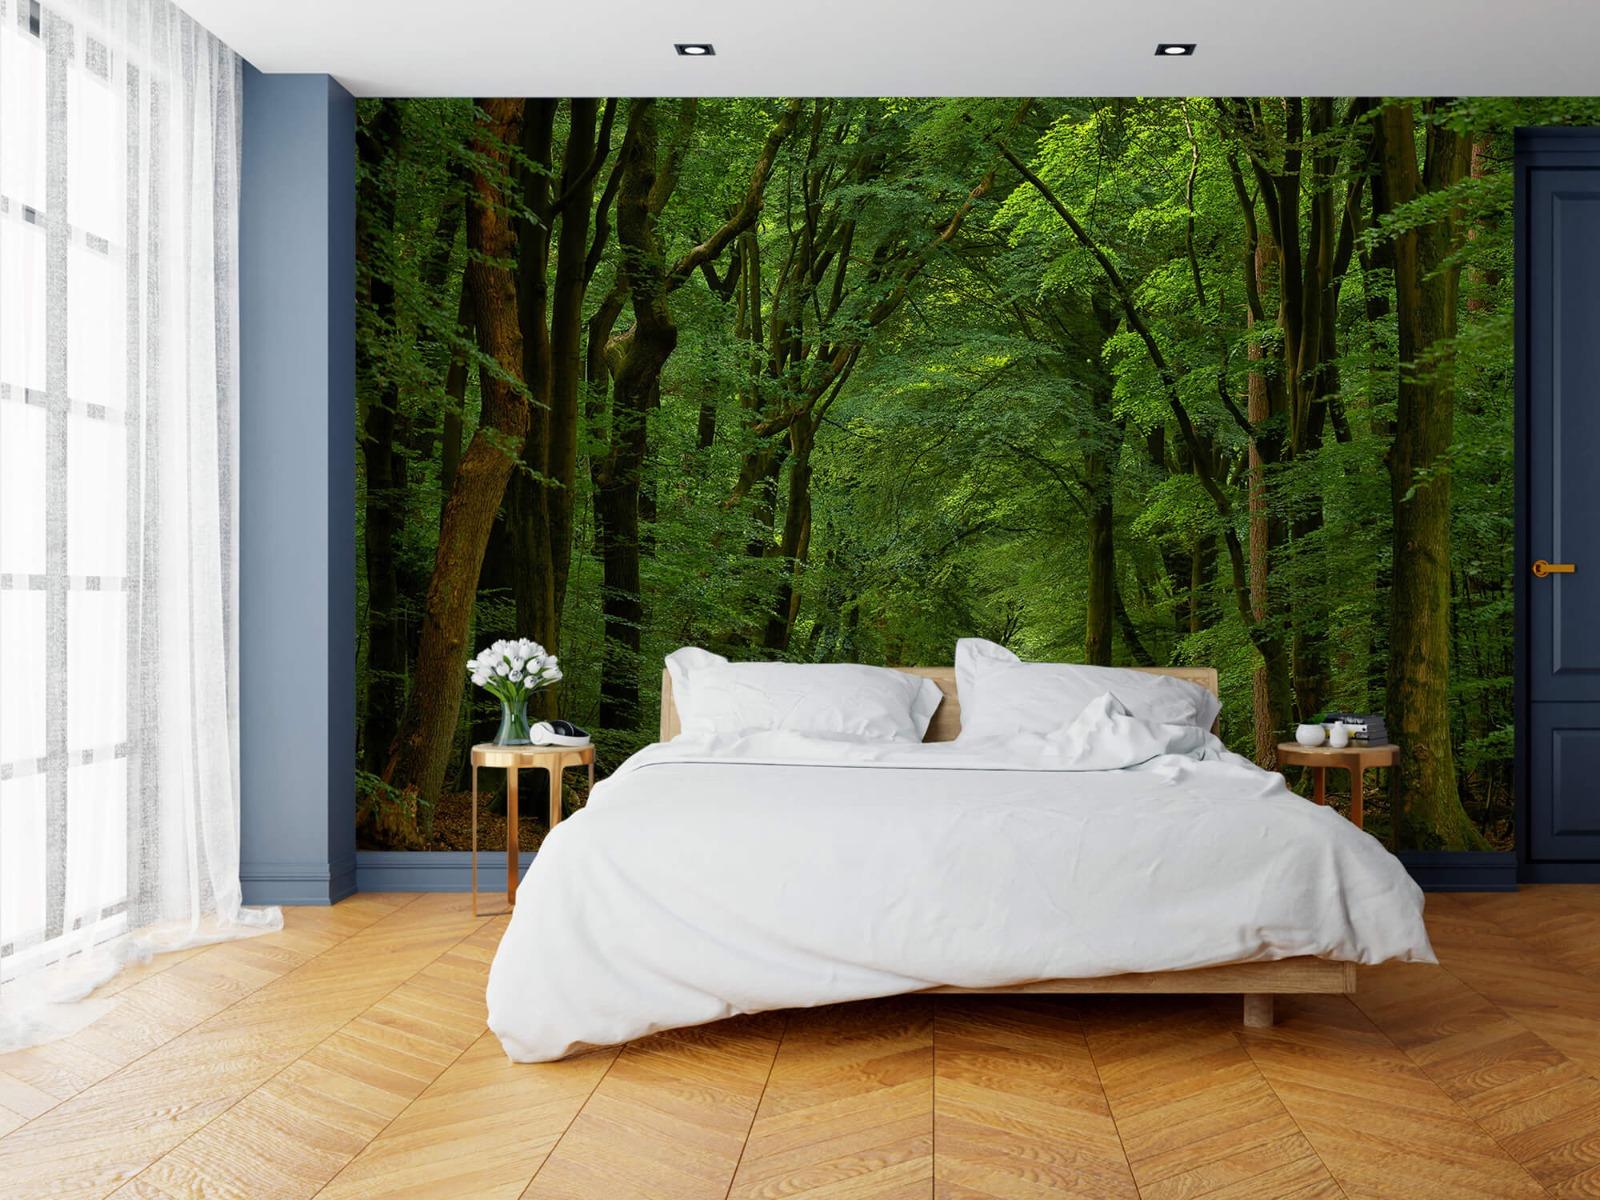 Bomen - Weg door het bos - Slaapkamer 19